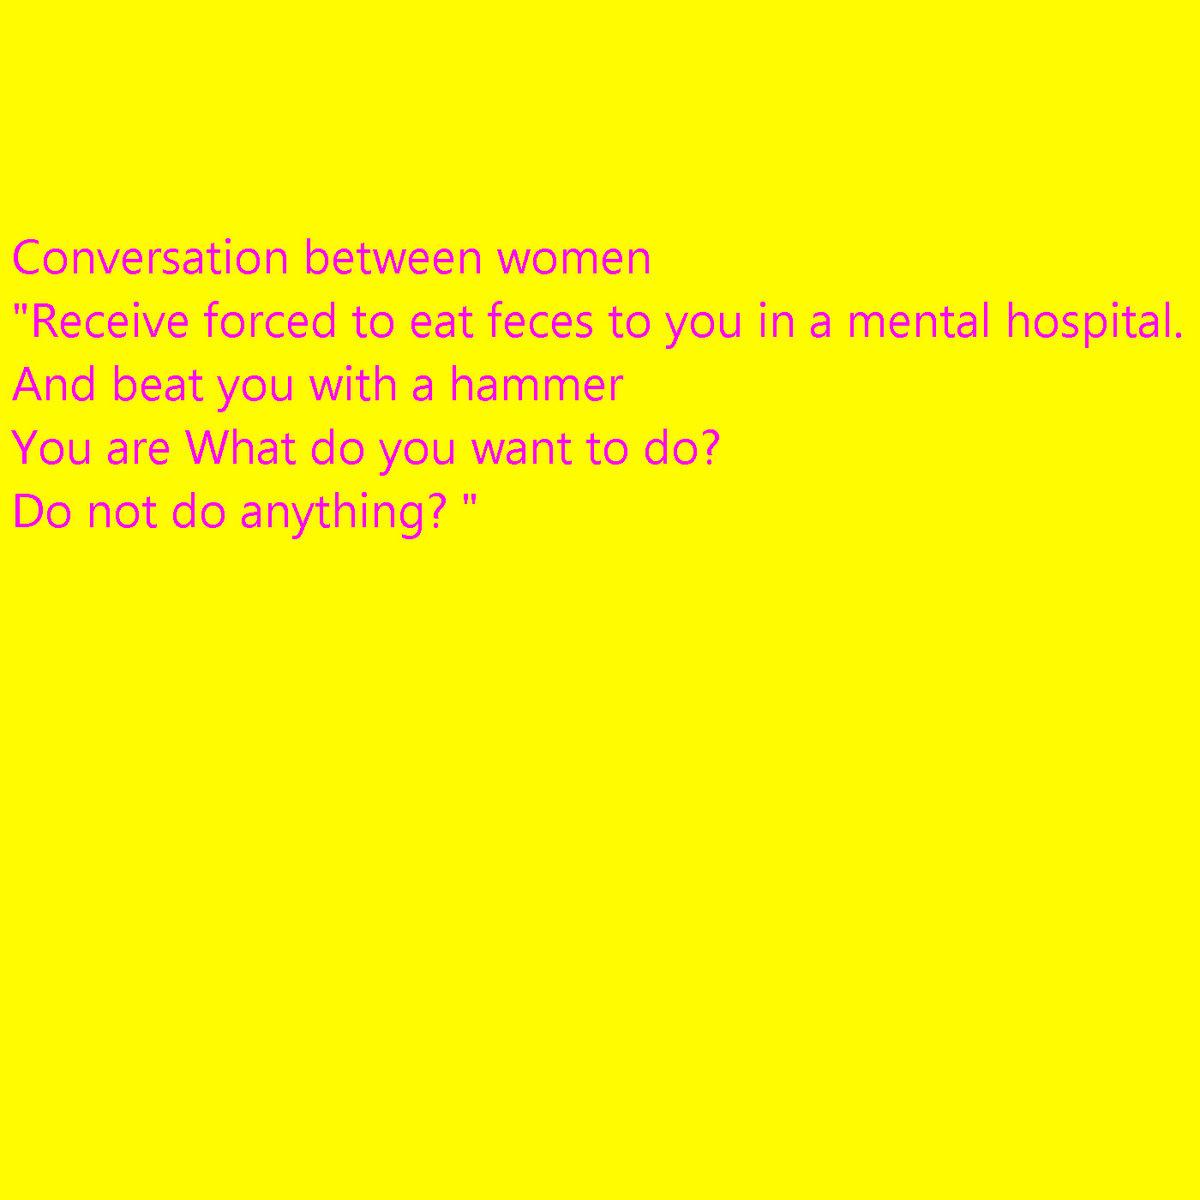 Conversation between women